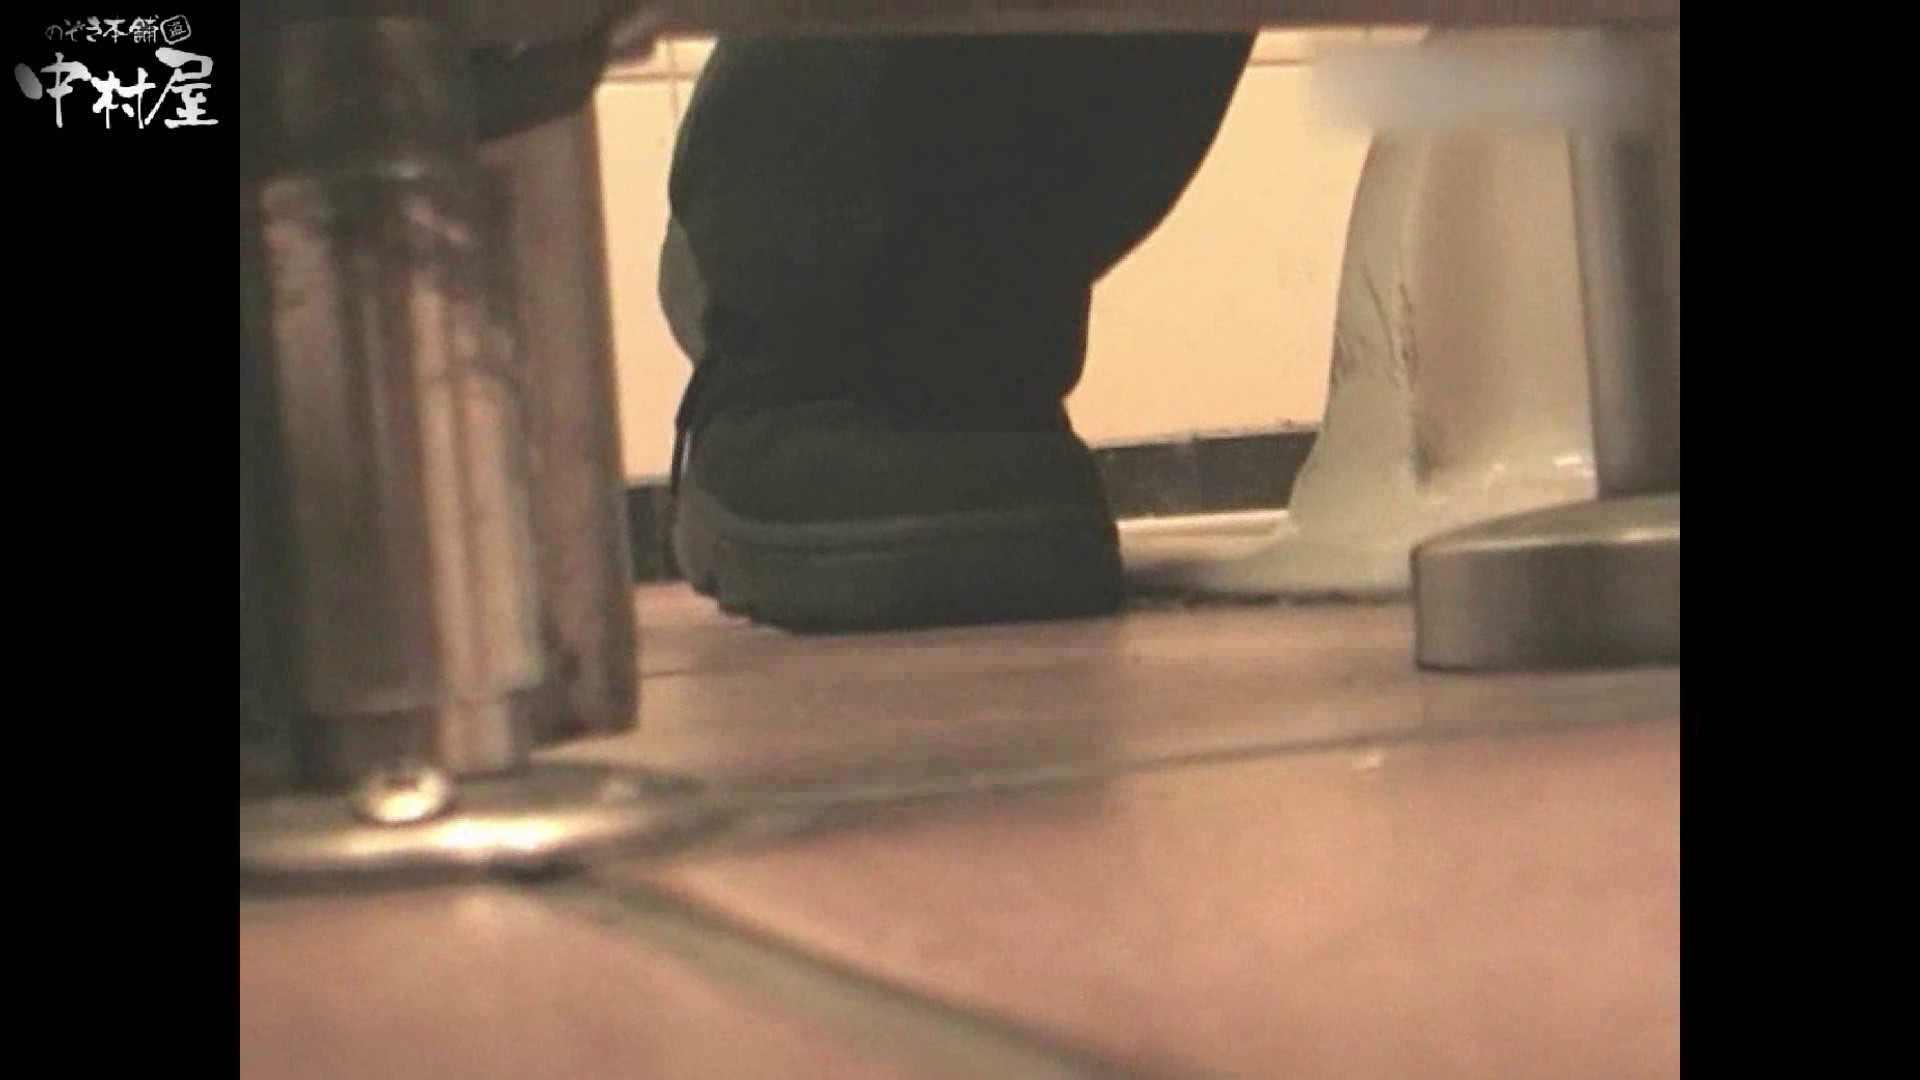 岩手県在住盗撮師盗撮記録vol.09 オマンコ特集 ワレメ動画紹介 110pic 86